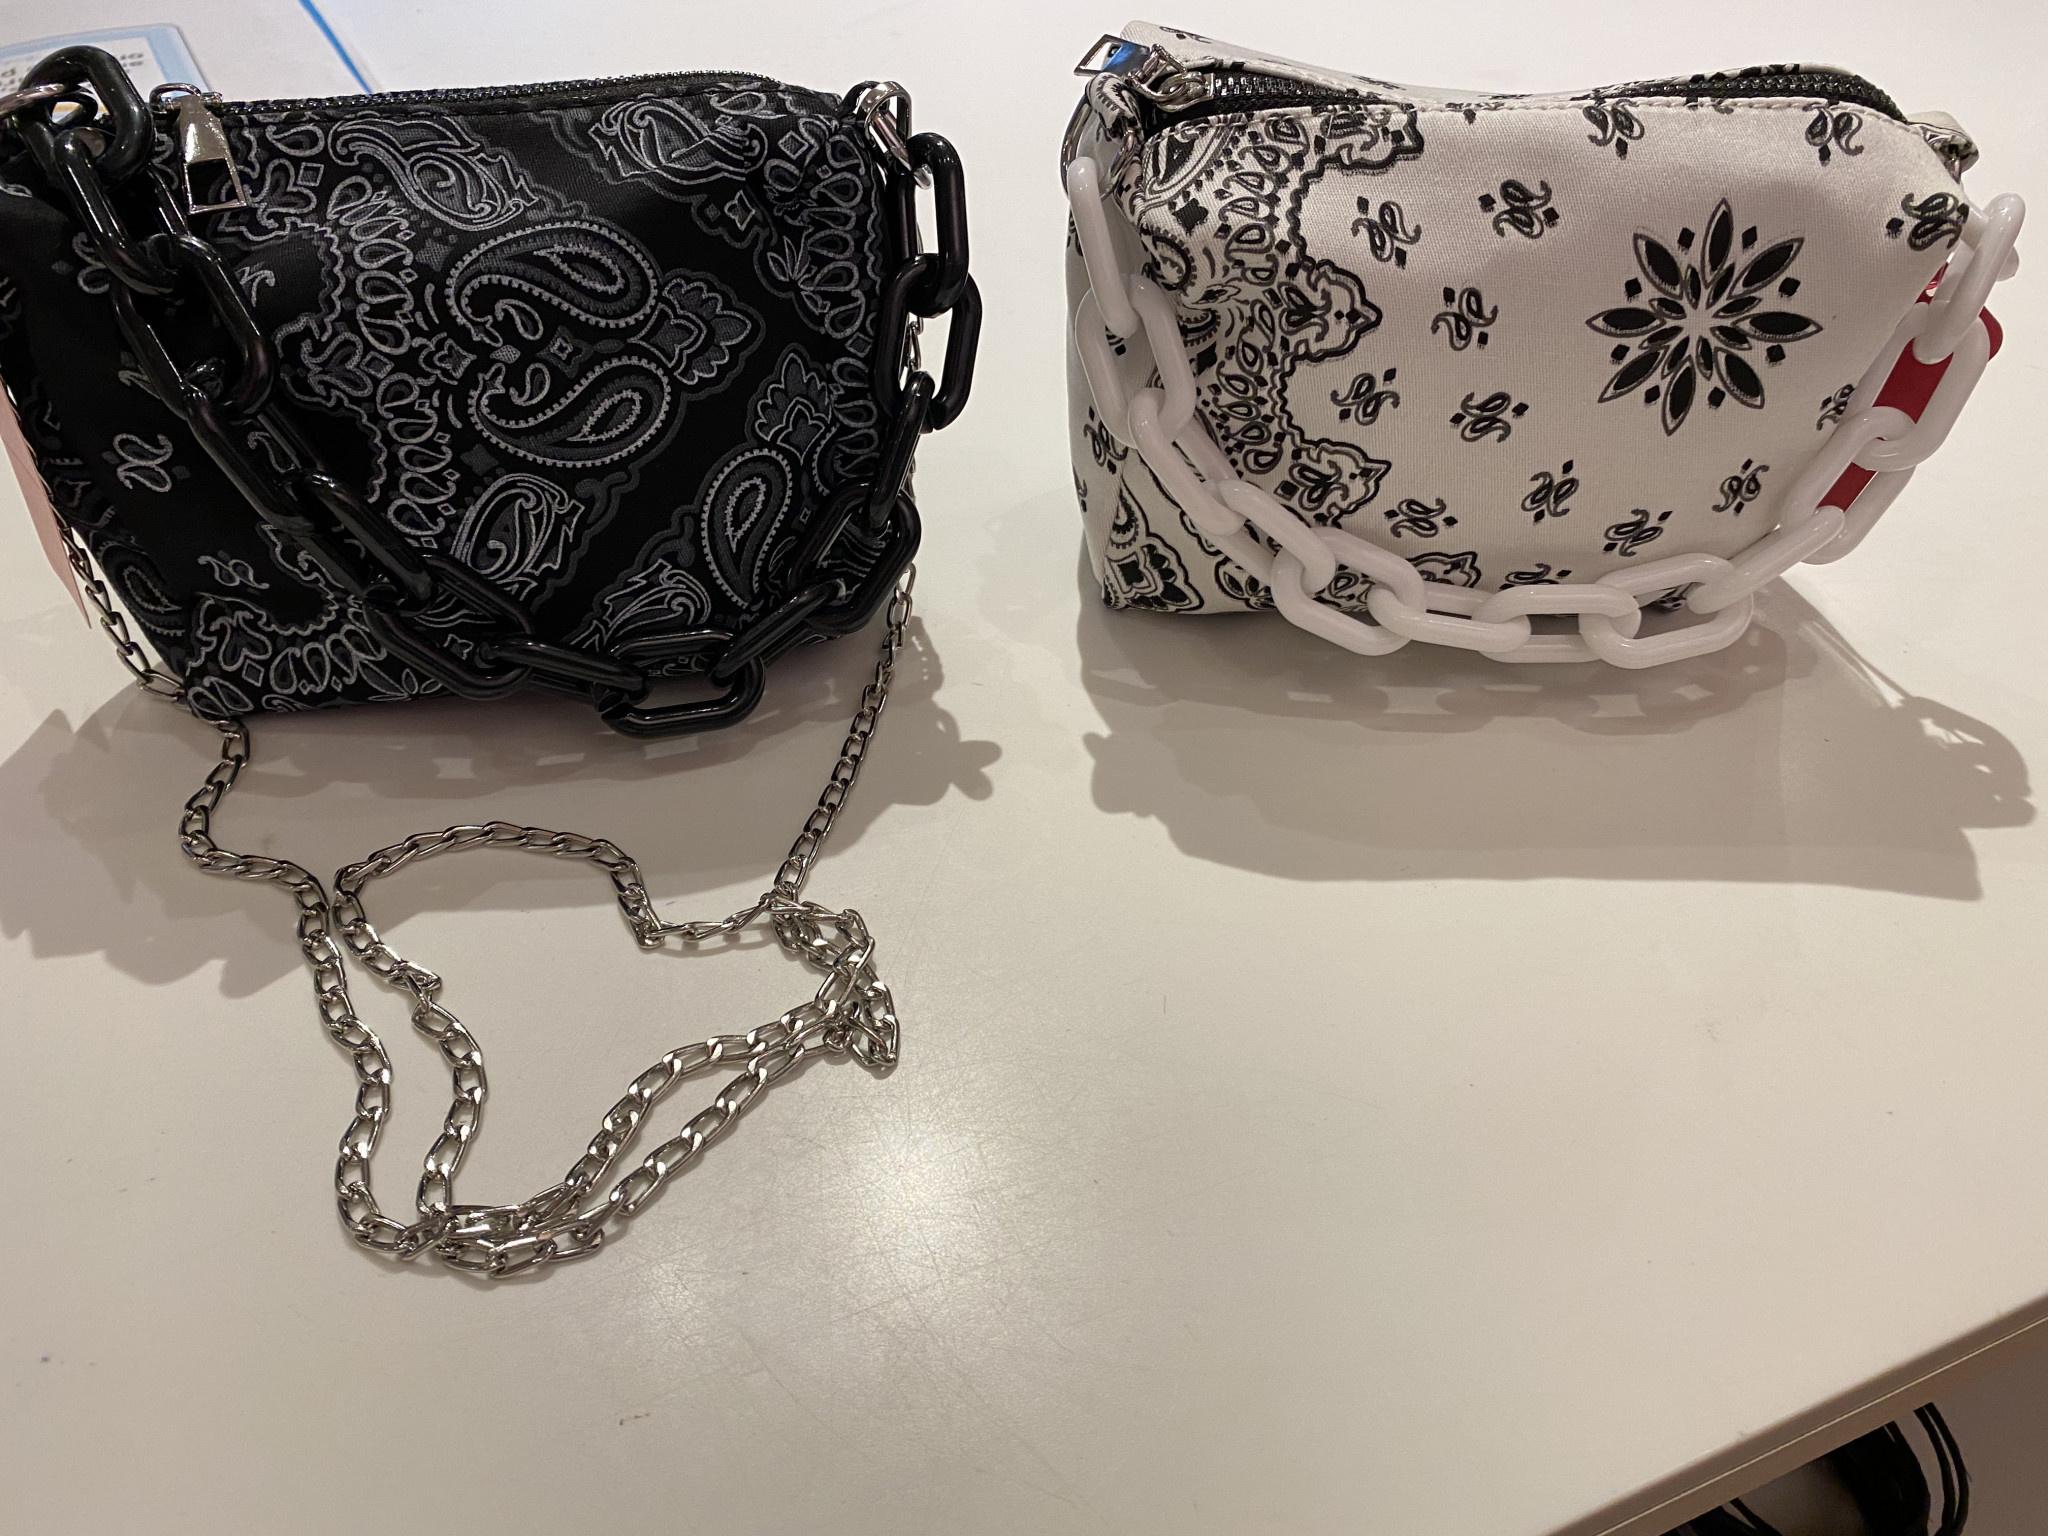 Bandanna Quilted Handbag